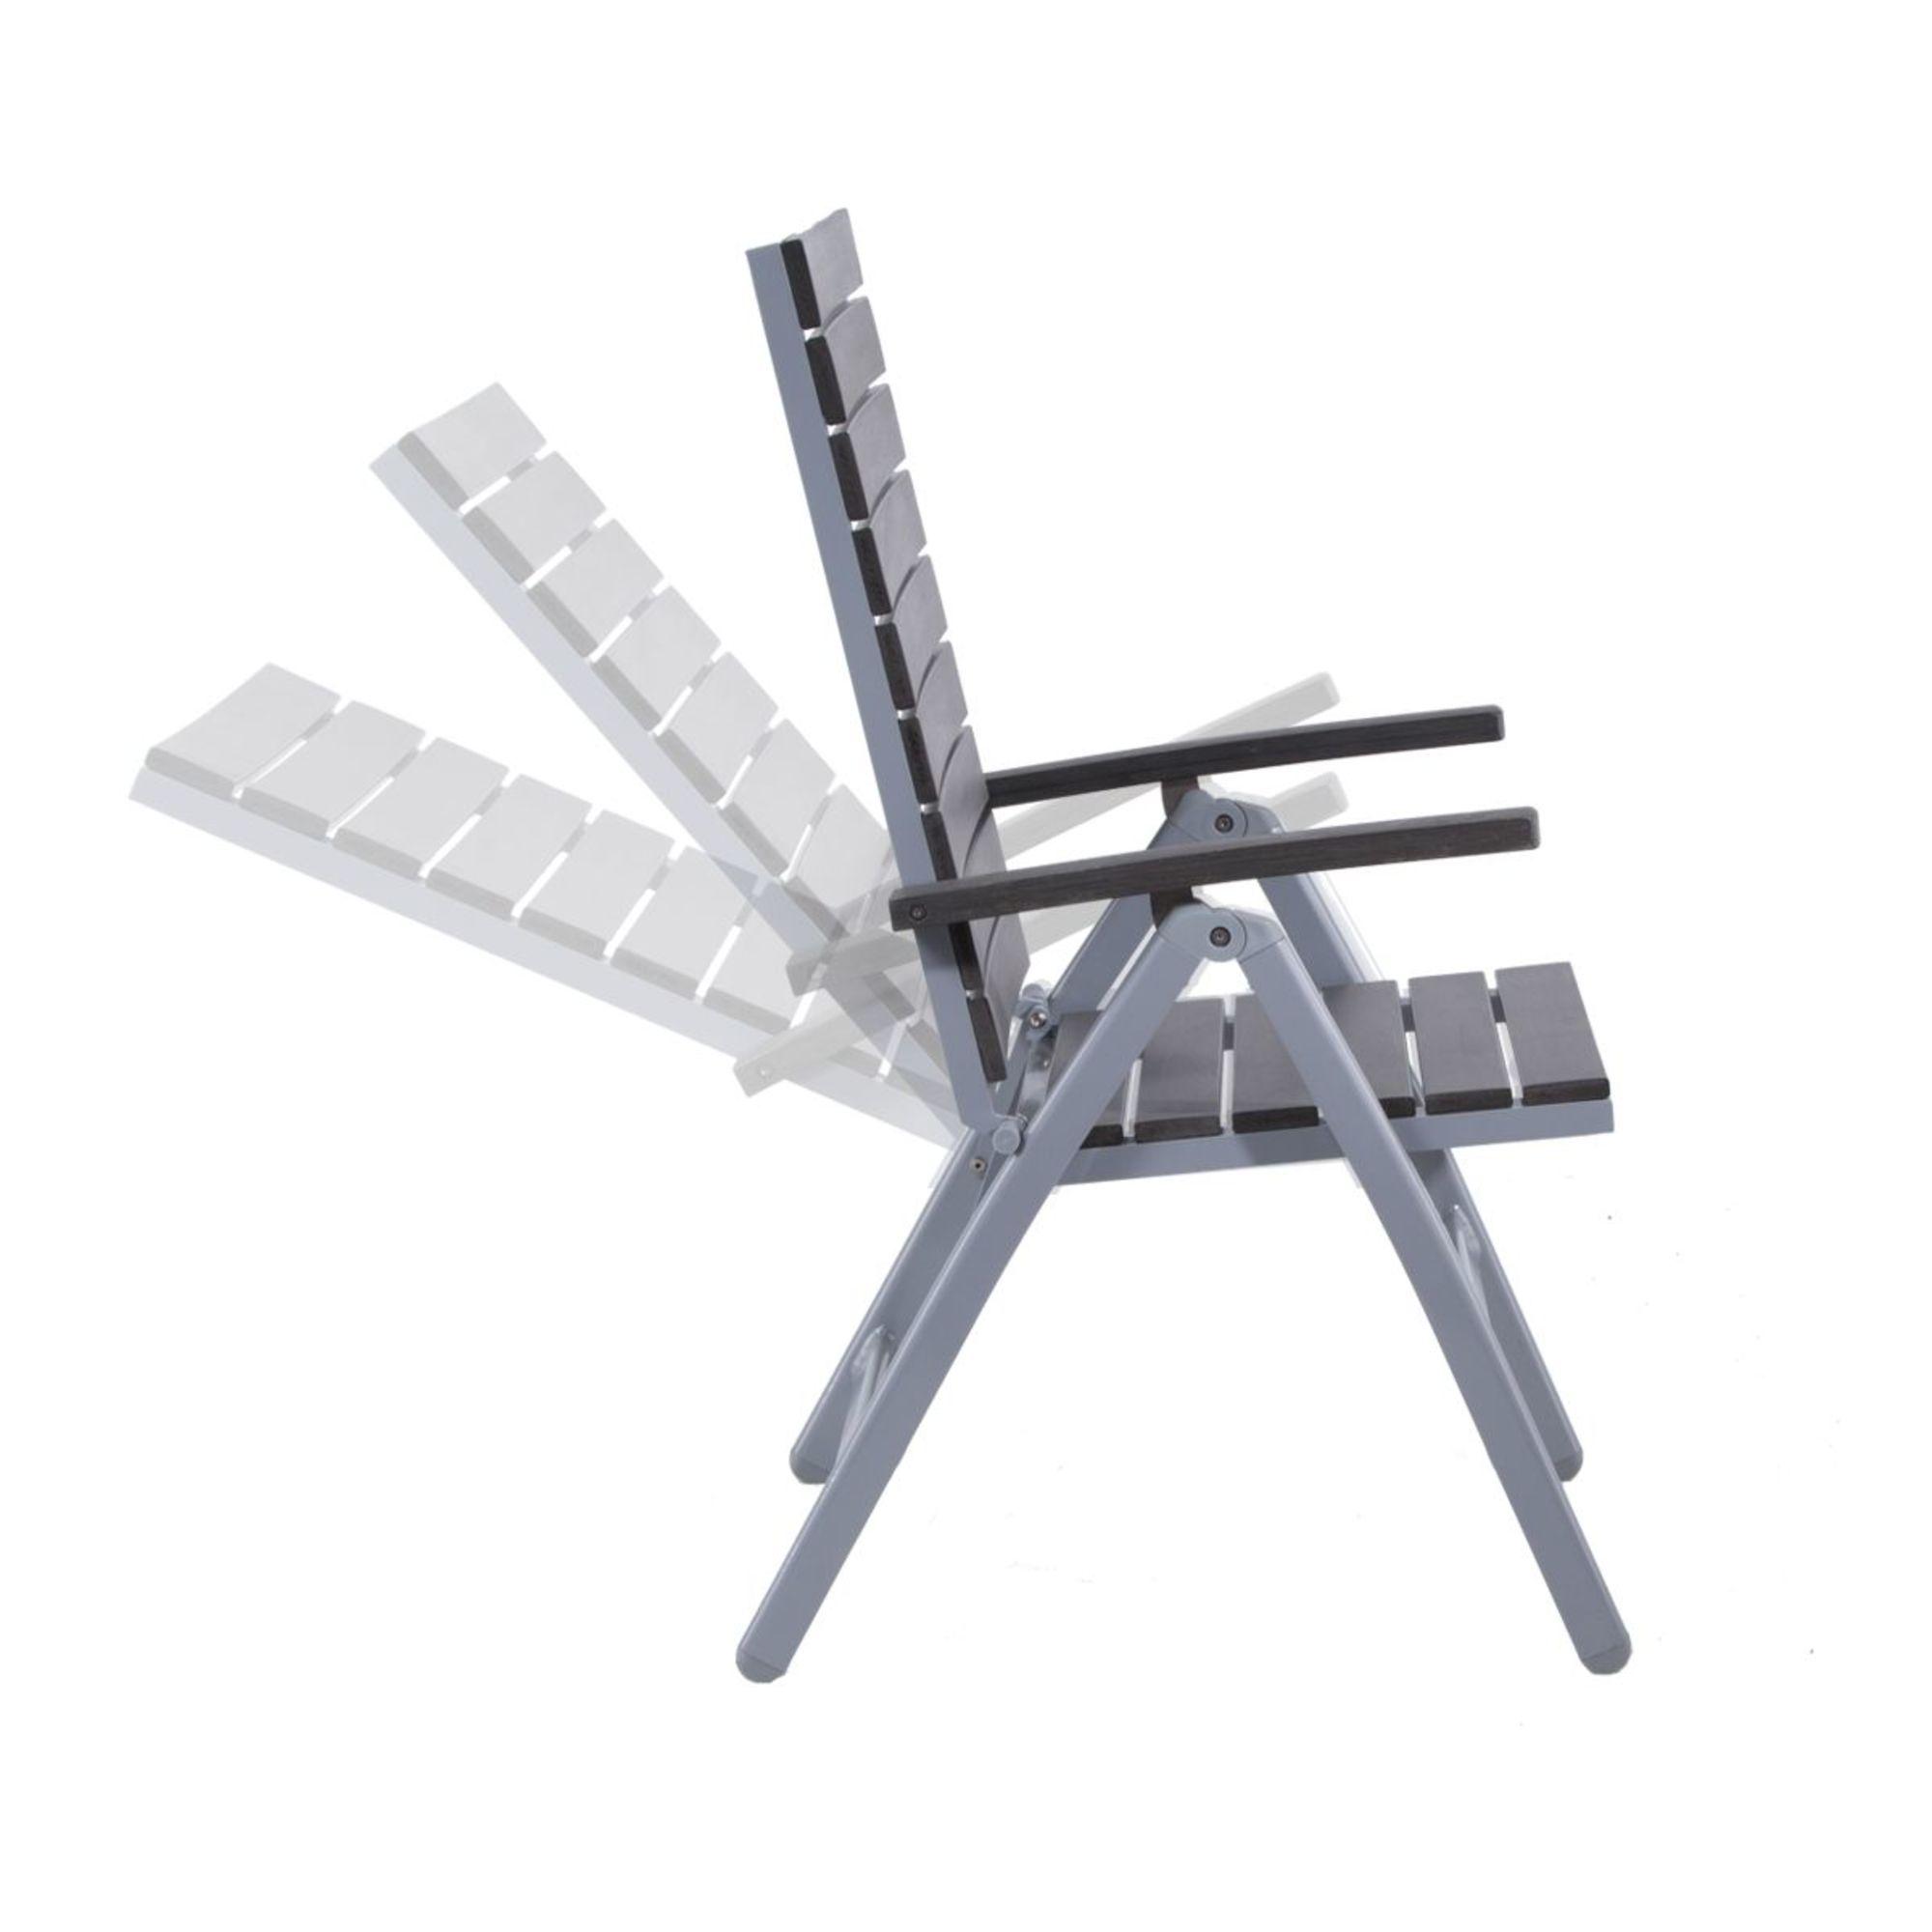 gartenmöbelset alura, aus aluminium,5-ltg., Garten und Bauen